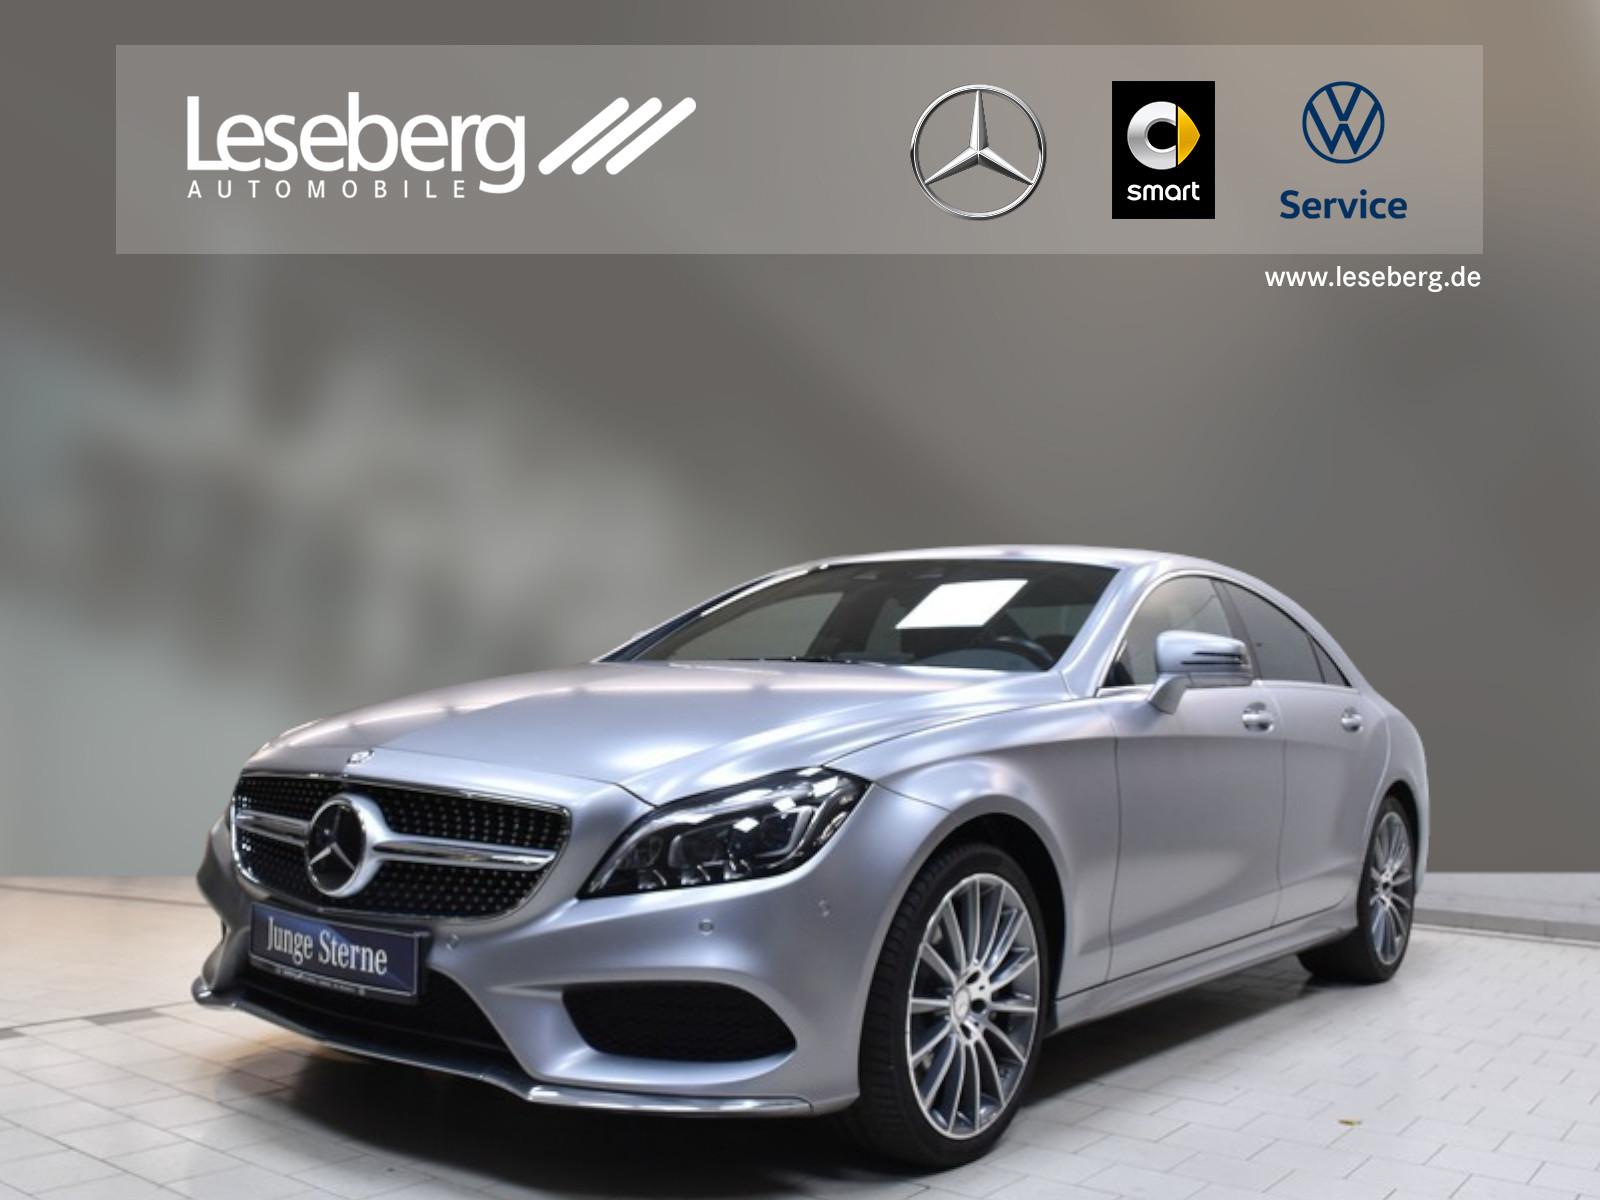 Mercedes-Benz CLS 350 BT Coupé AMG Line/9G/SHD/Distr/360°/LED, Jahr 2014, Diesel